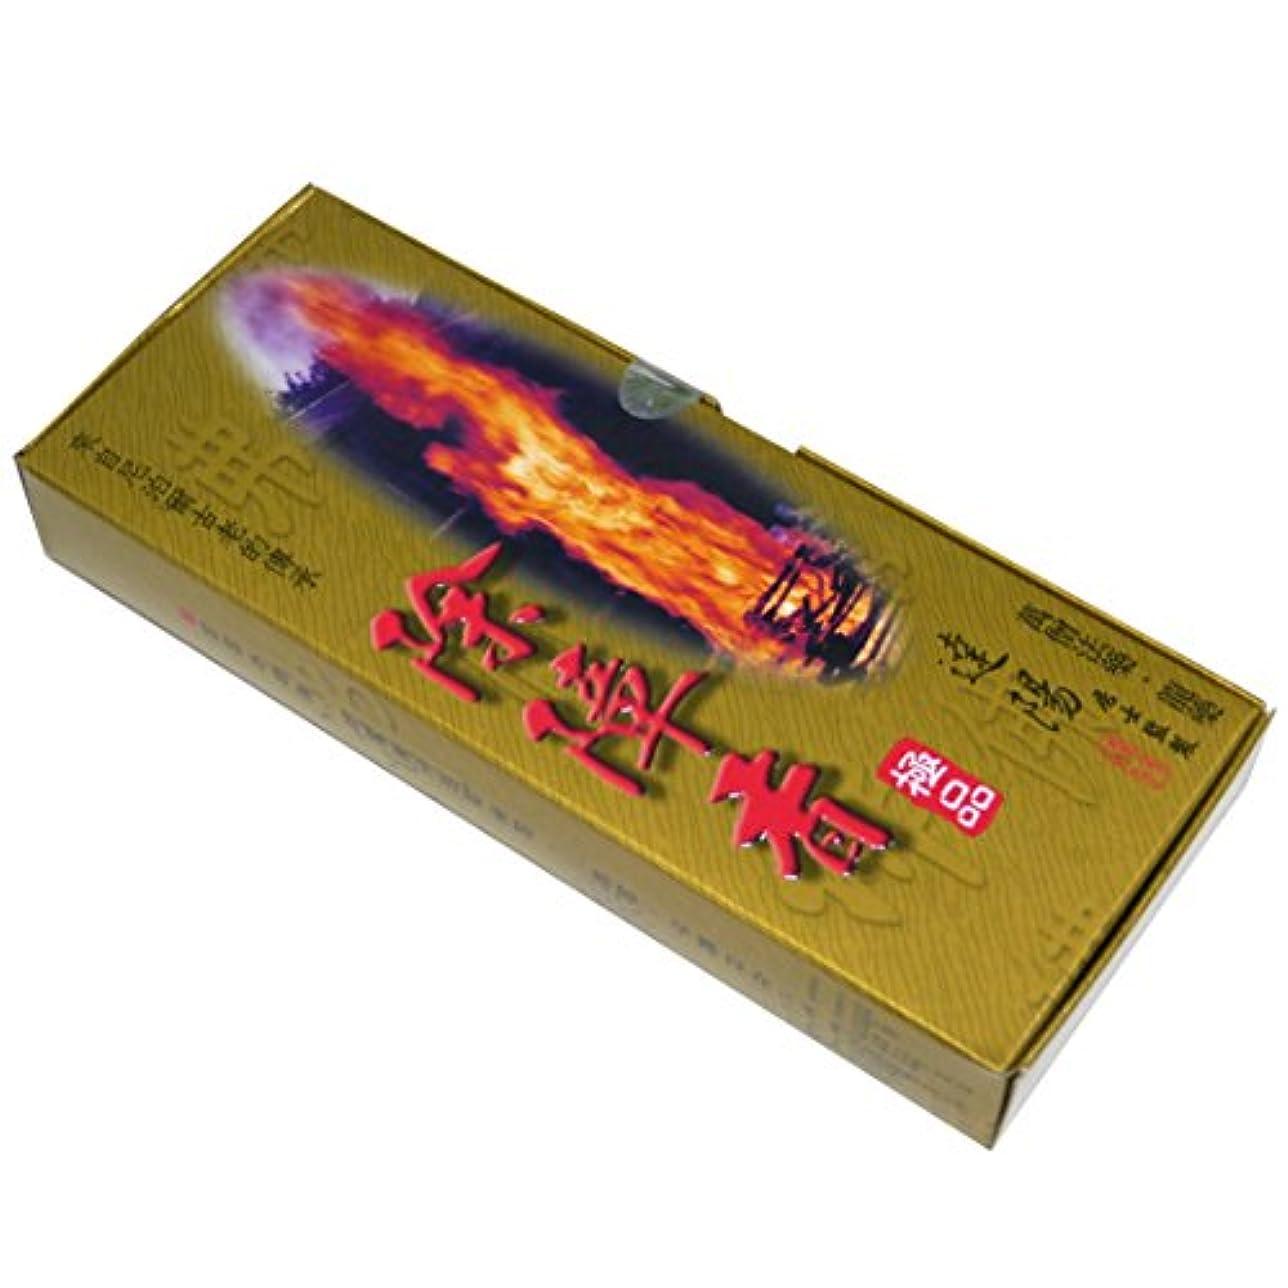 主流助けになる効率除障香本舗 台湾香 除障香本舗の除障香線香